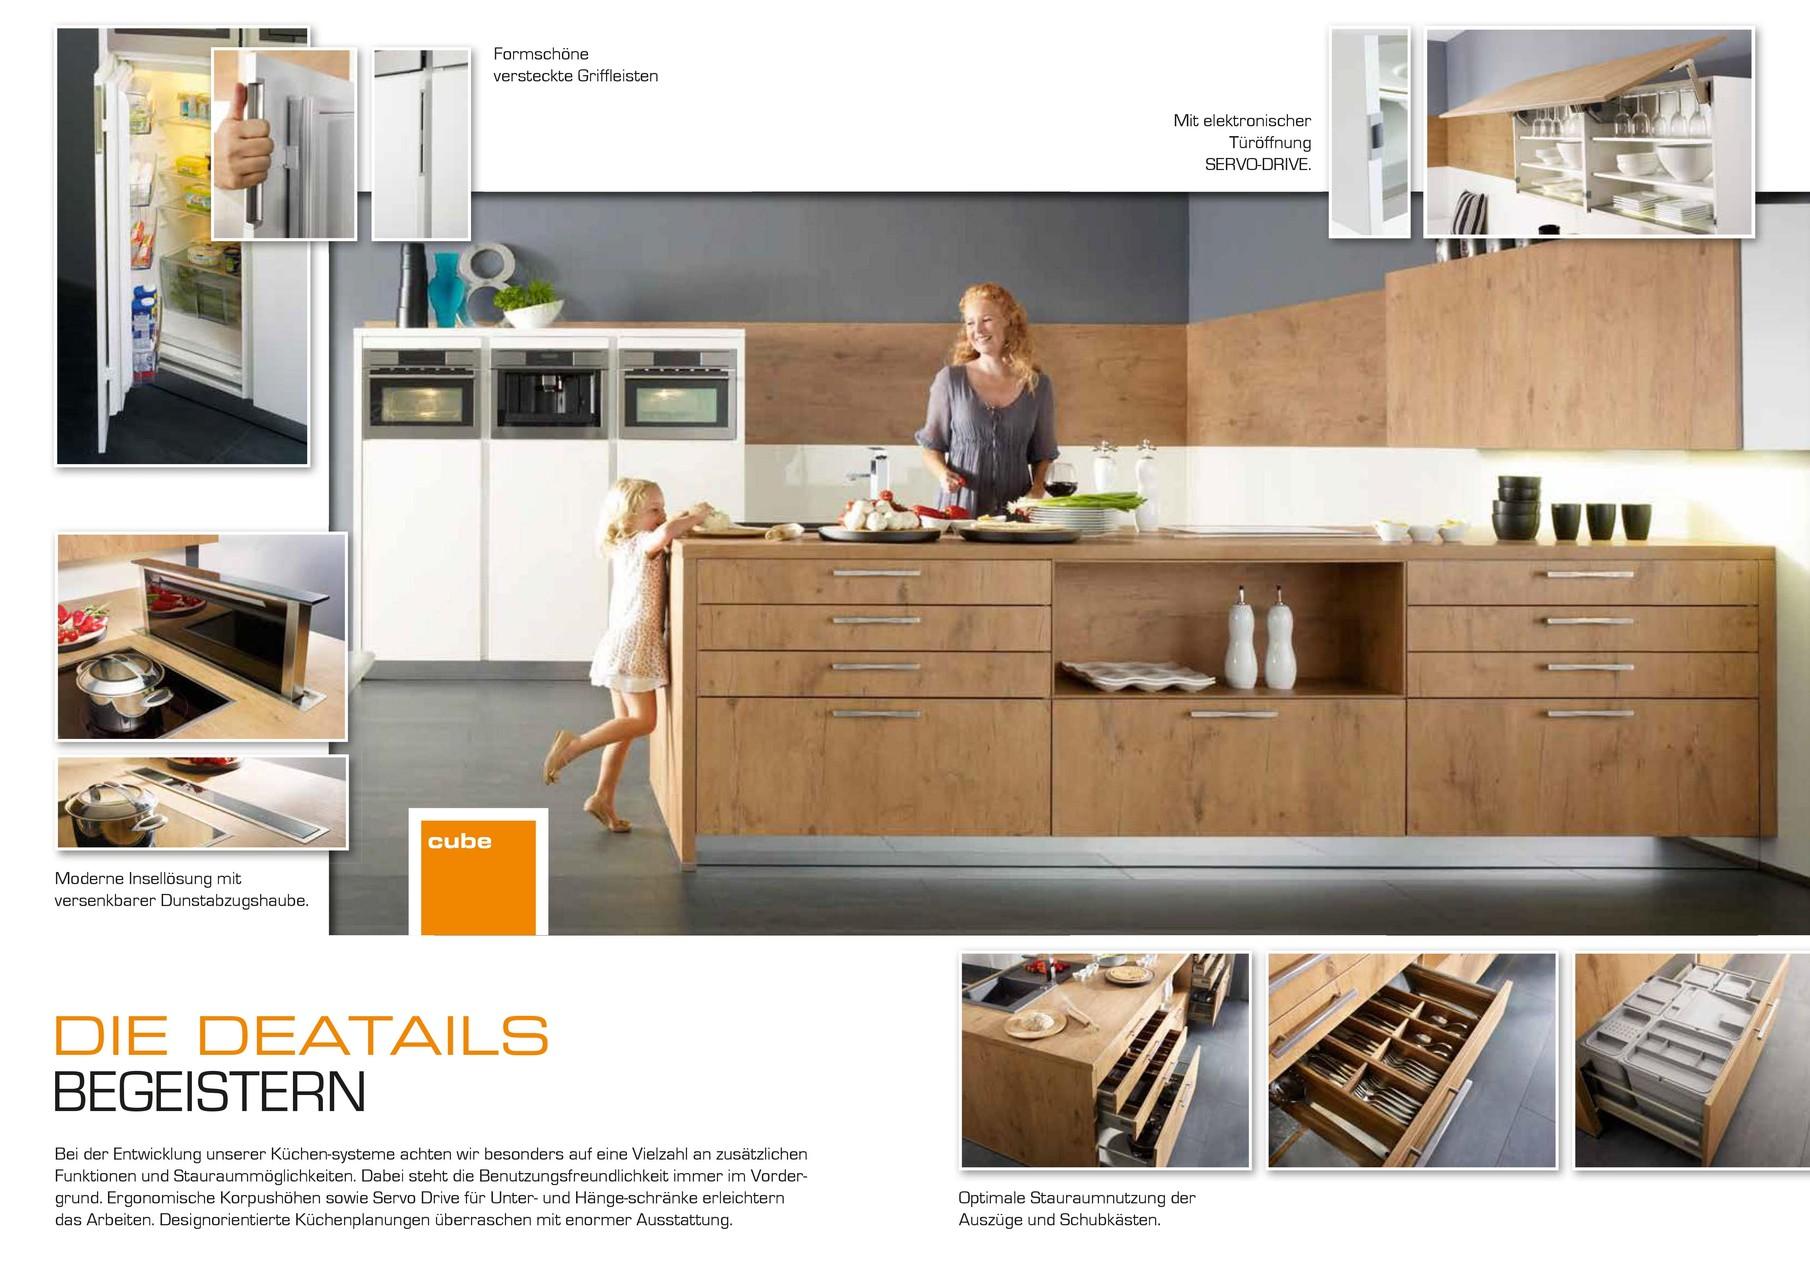 Küchensysteme Schrankeinrichtung Ausziehbar: Png